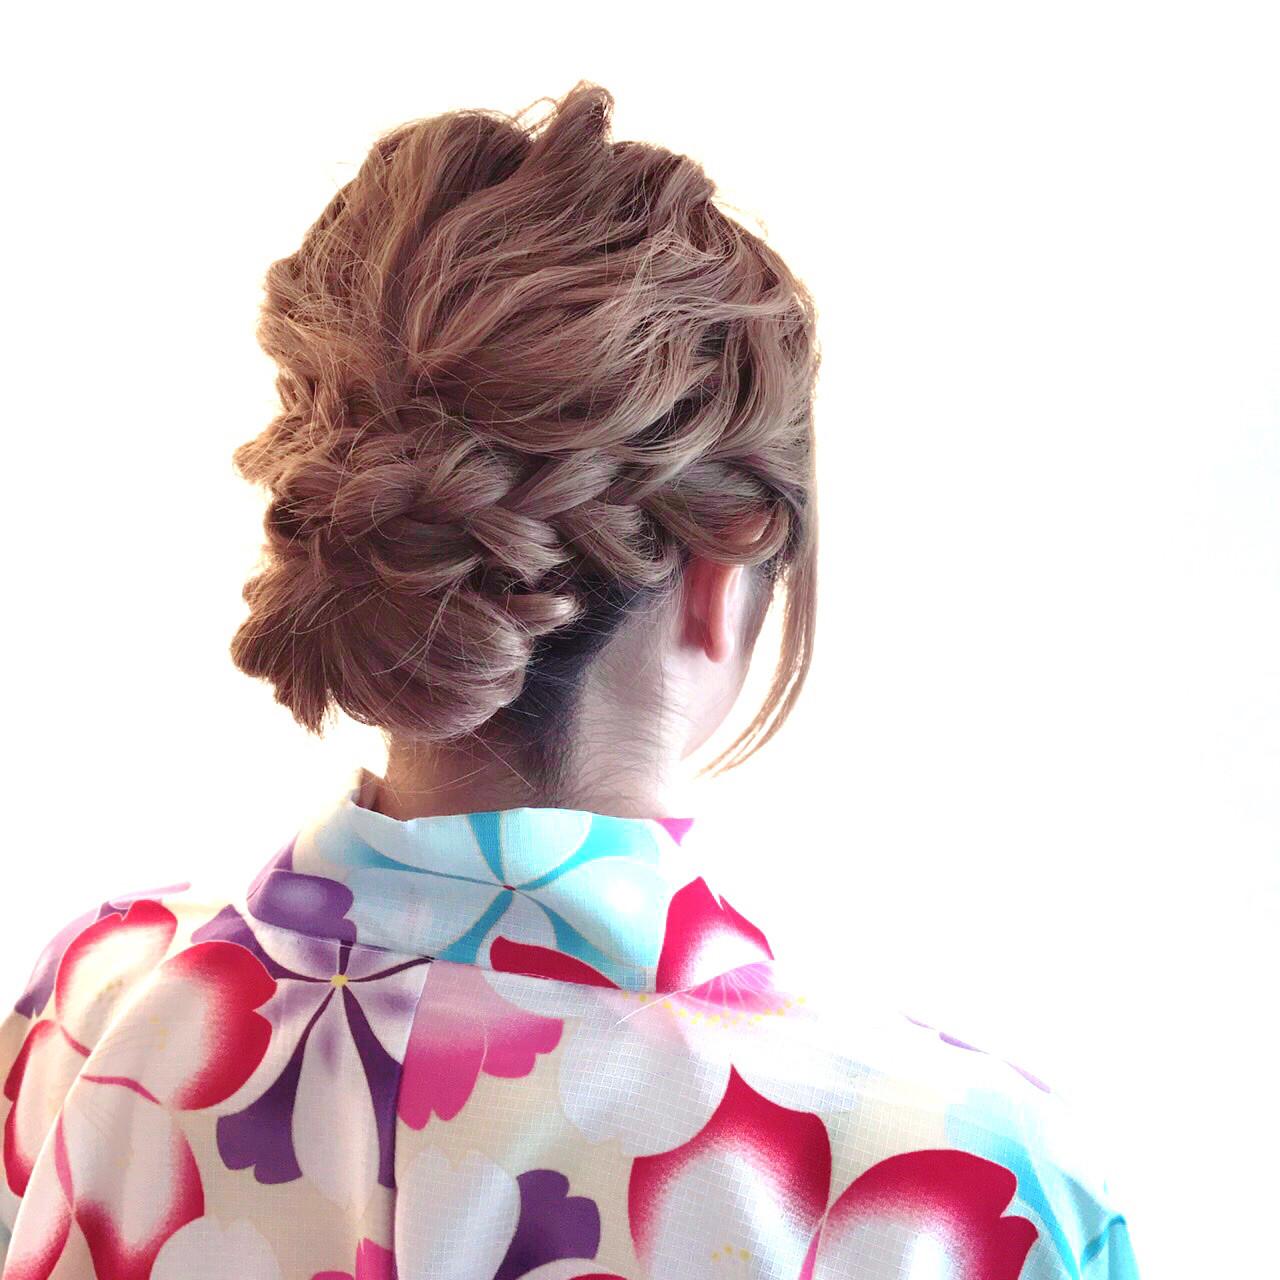 パーティ 結婚式 ロング ゆるふわ ヘアスタイルや髪型の写真・画像 | マスダ トシエ / lafit